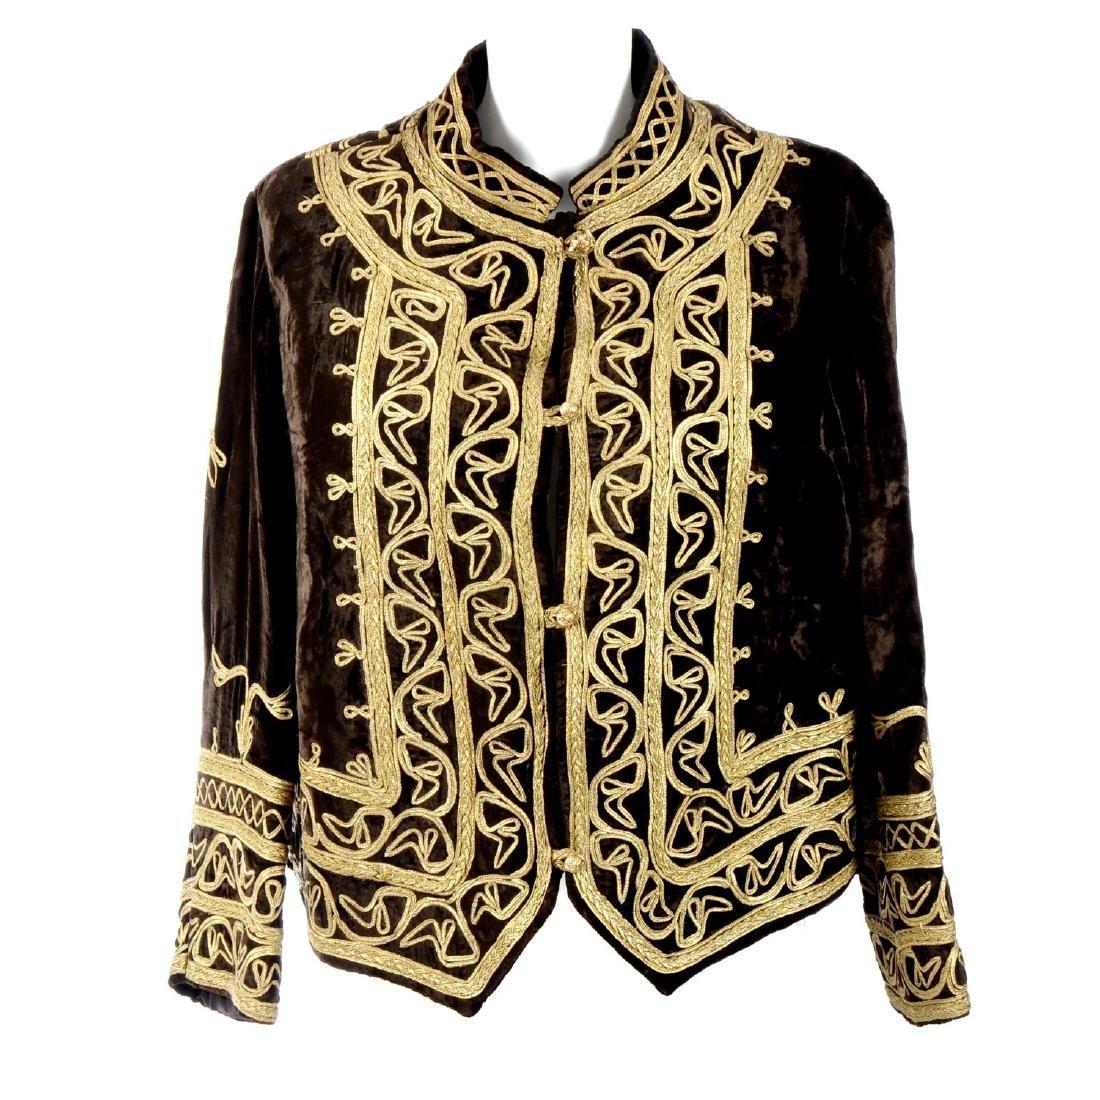 A brown velvet jacket. Designed with a brown velvet